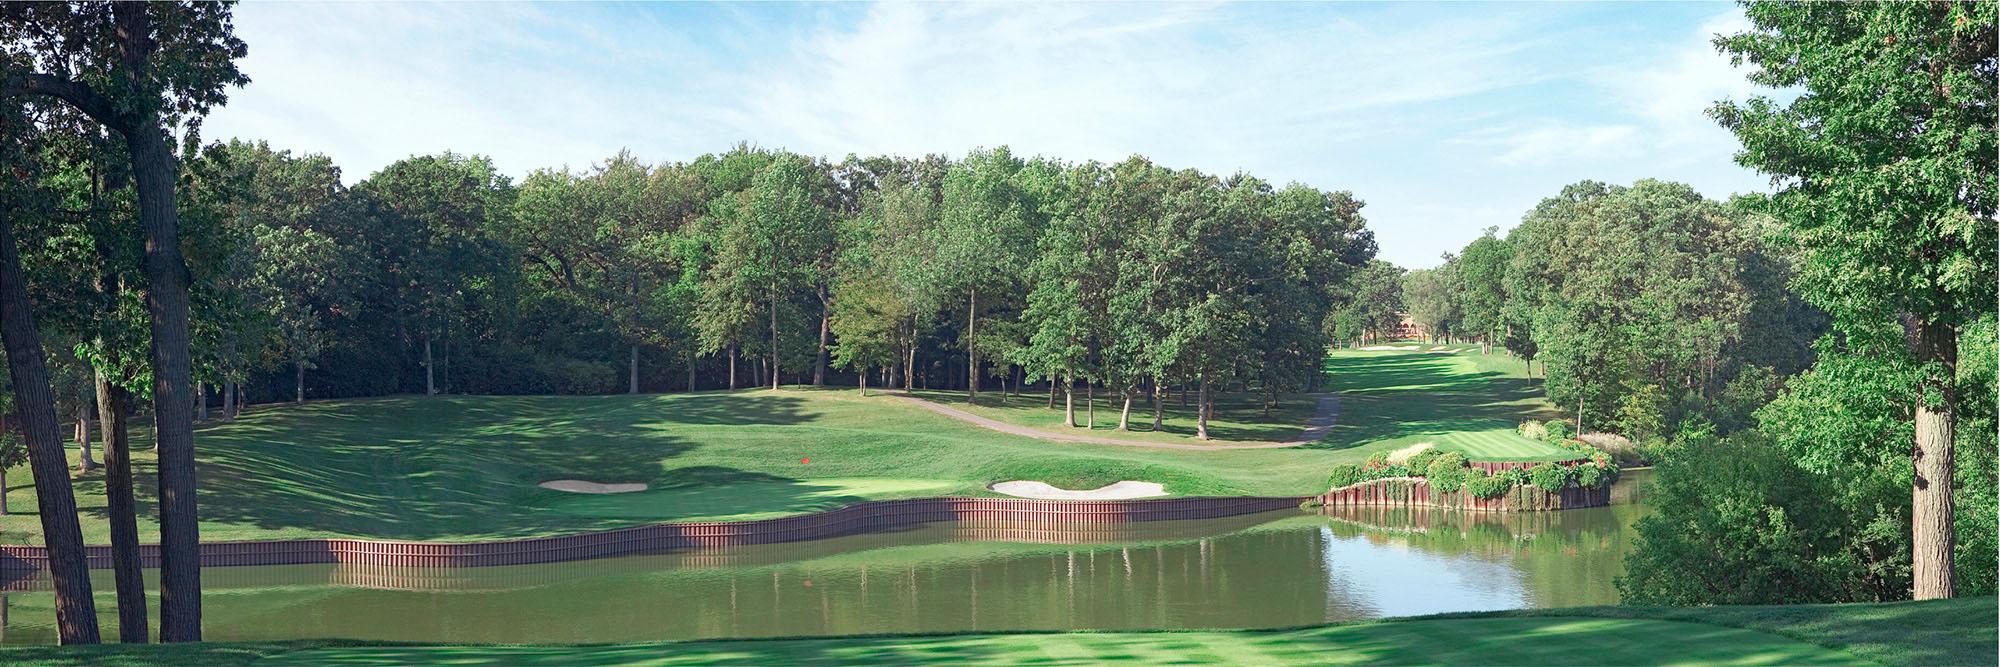 Golf Course Image - Medinah 3 No. 17